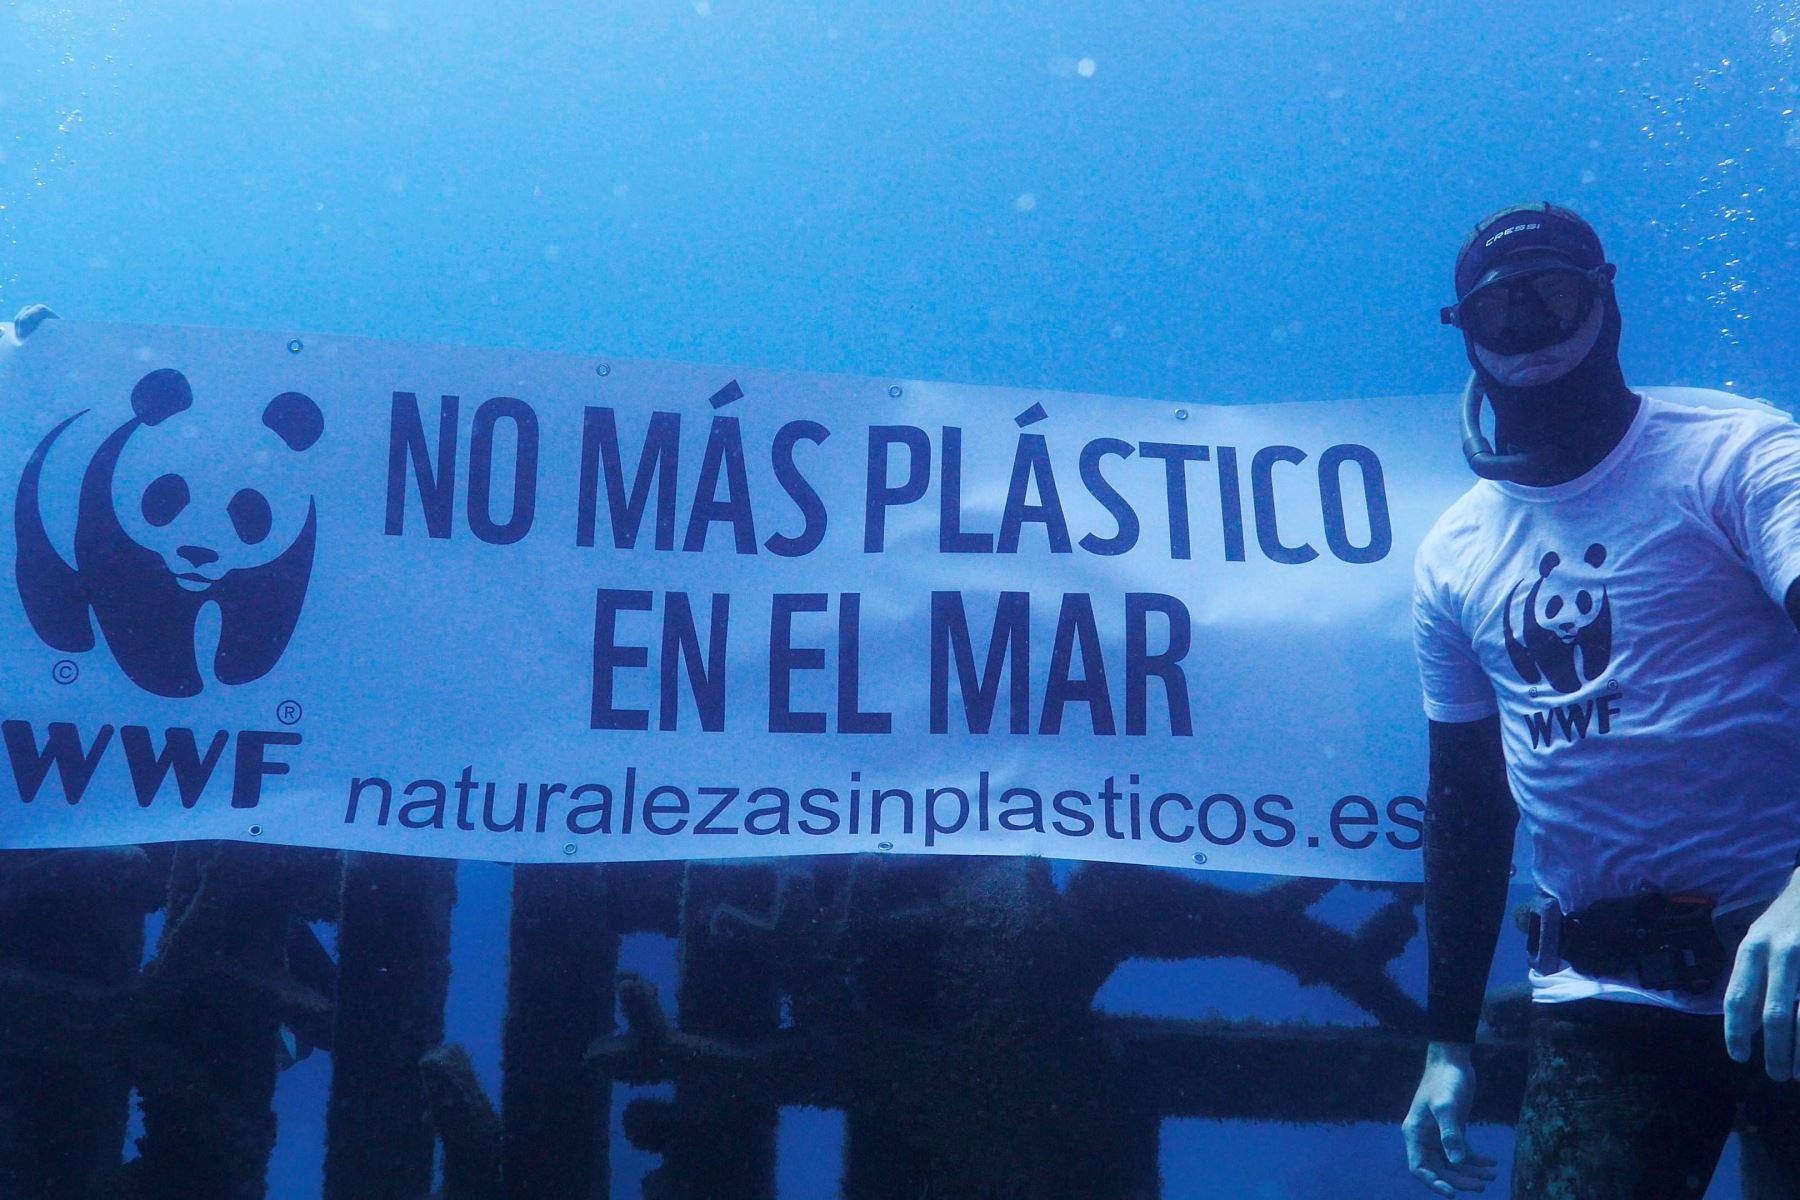 Esculturas humanas del museo sumergido de Lanzarote han aparecido este sábado atrapadas en plásticos, en una acción realizada con motivo del Día de los Océanos. Foto:AFP/Fotografía facilitada por WWF.